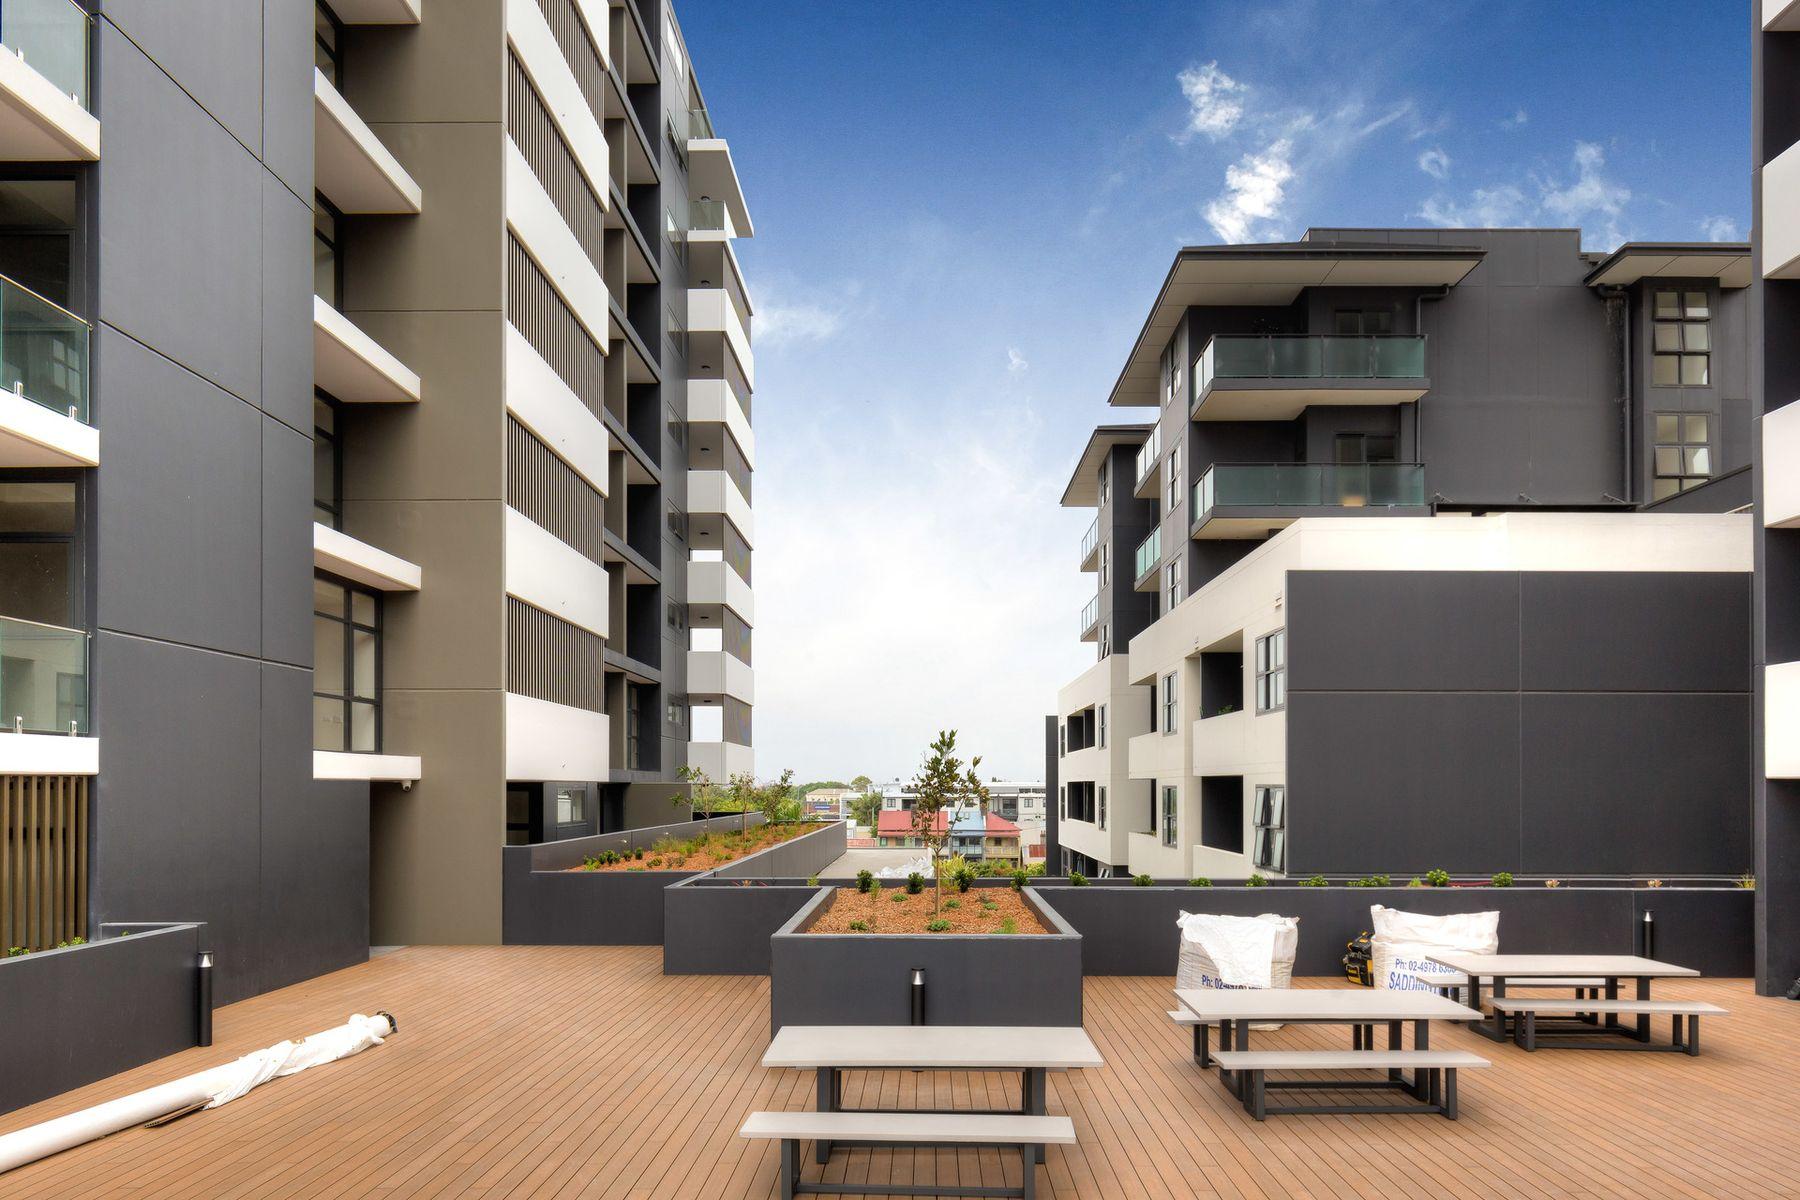 706/1 Union Street, Wickham, NSW 2293